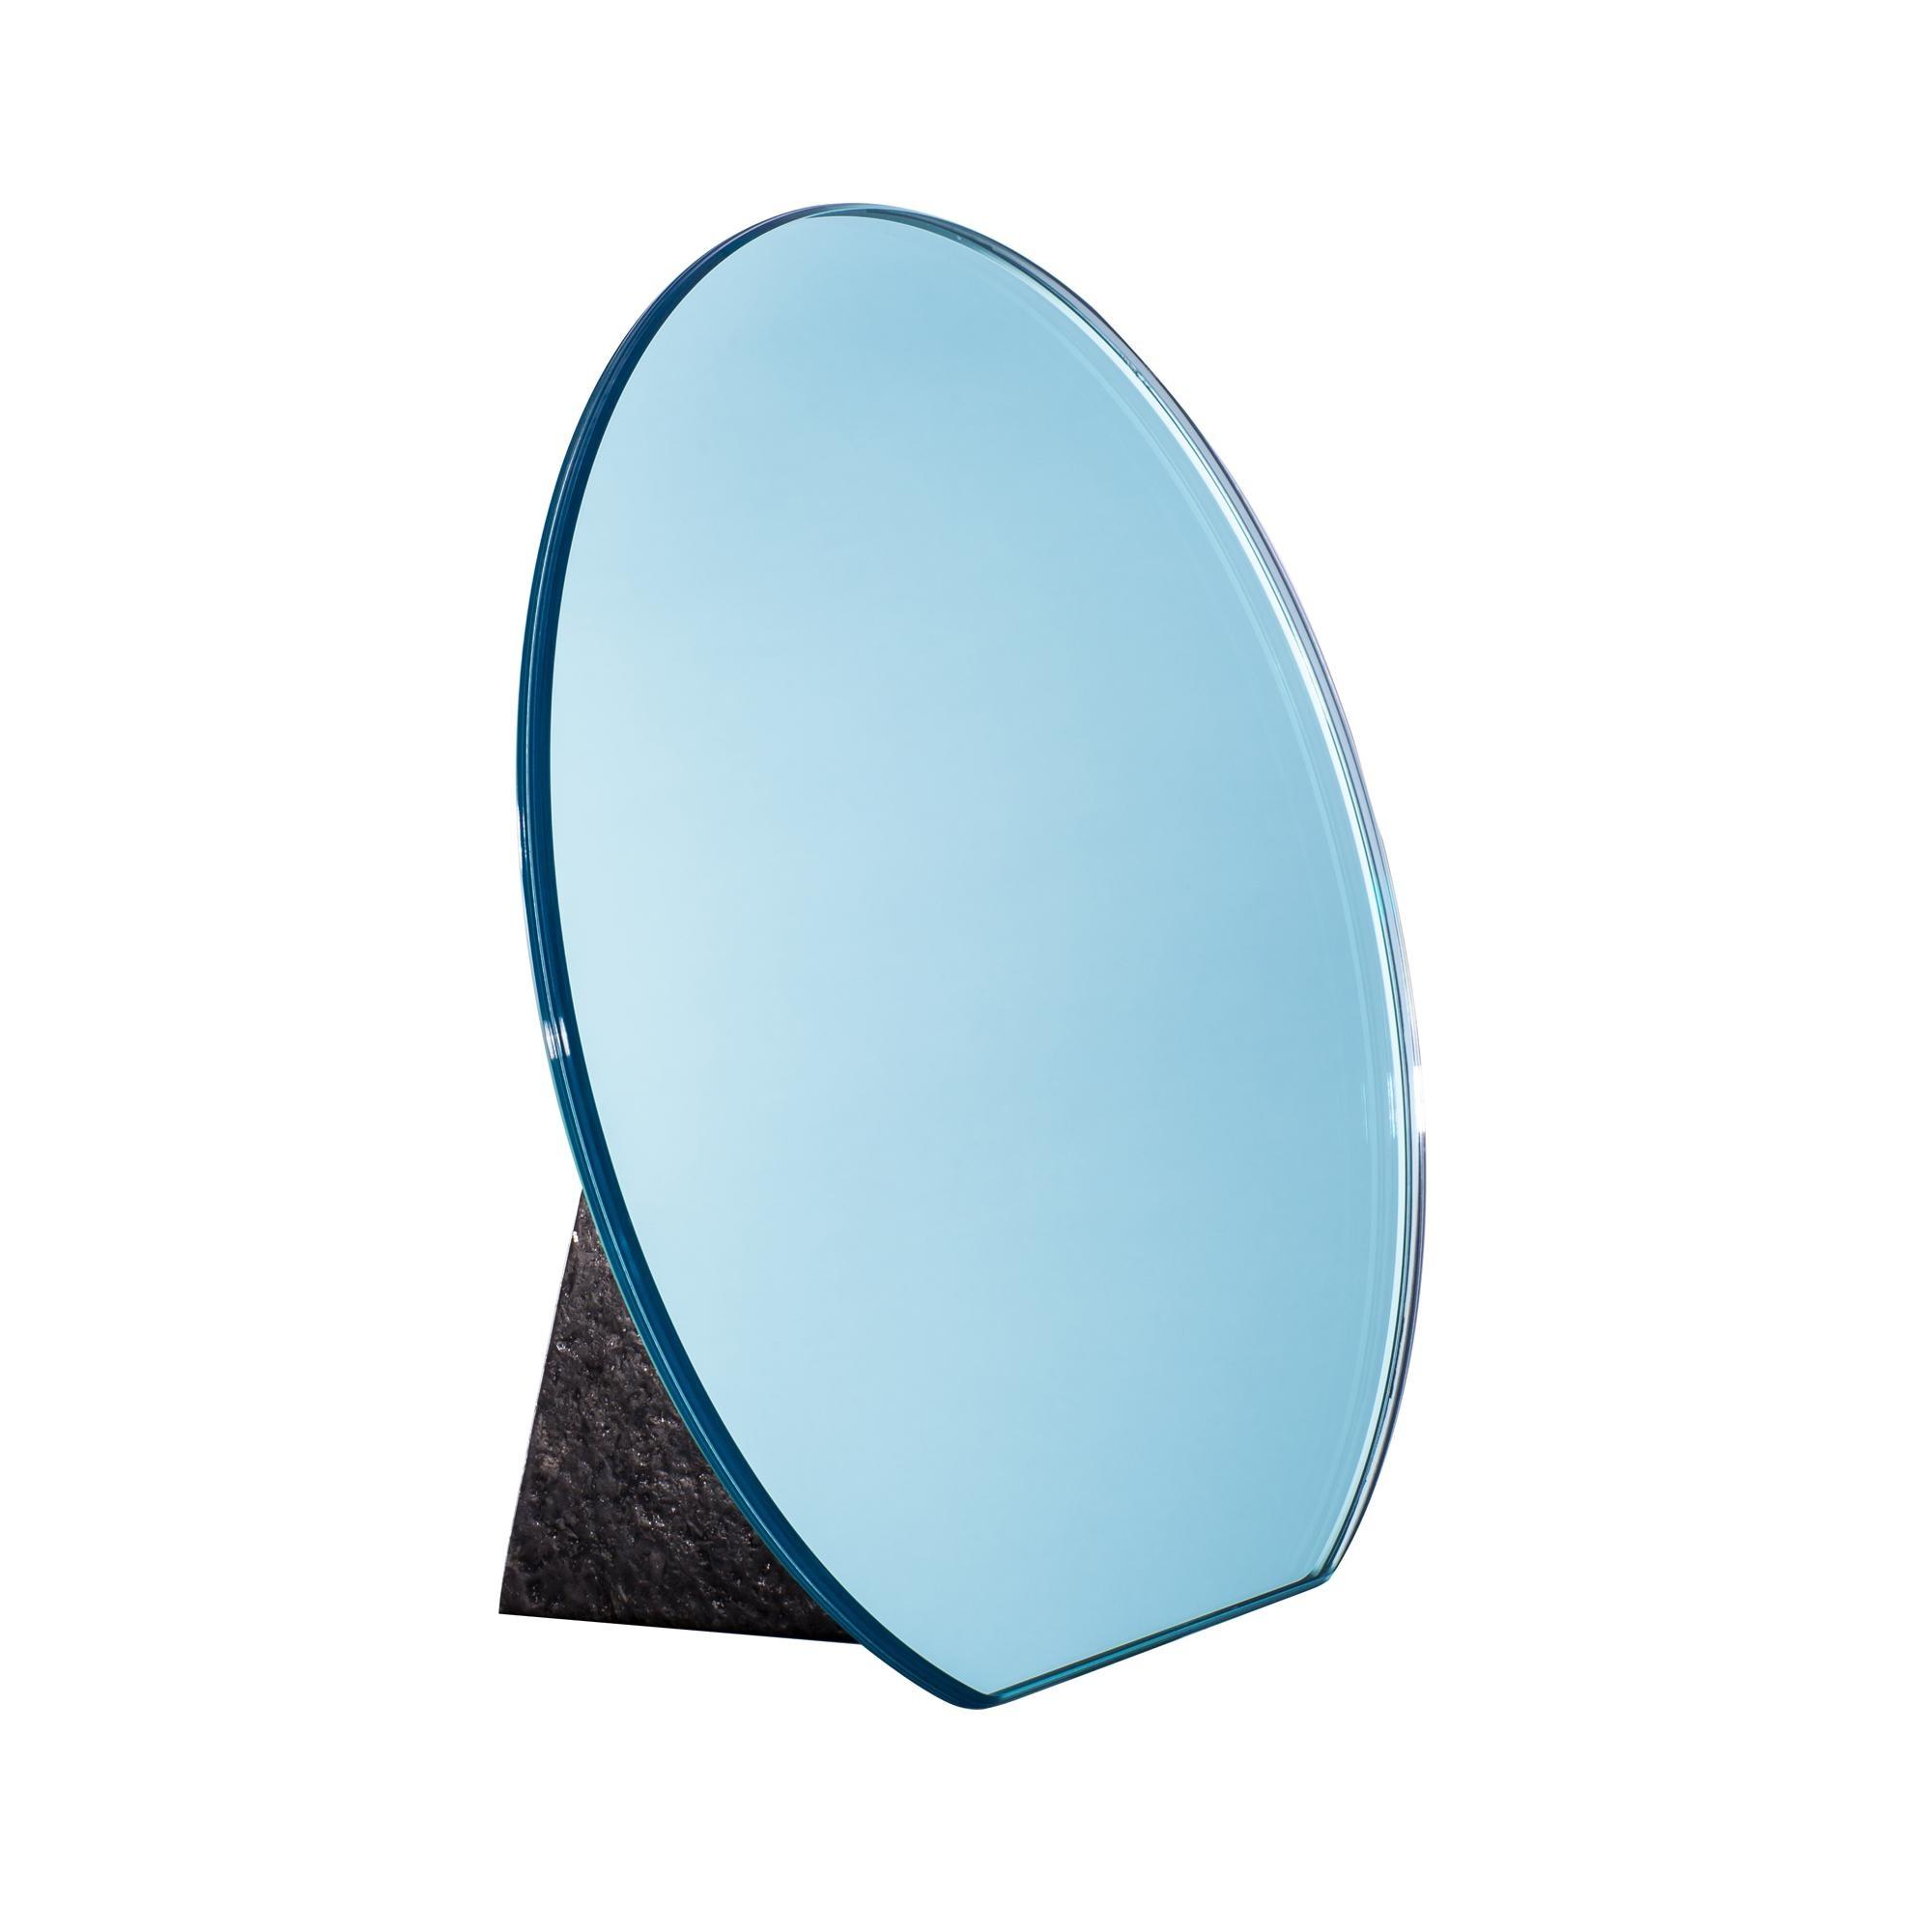 pulpo - Dita Tischspiegel Ø30cm - hellblau/Standfuß schwarz | Flur & Diele > Spiegel > Standspiegel | Hellblau | Spiegelglas| stein | pulpo